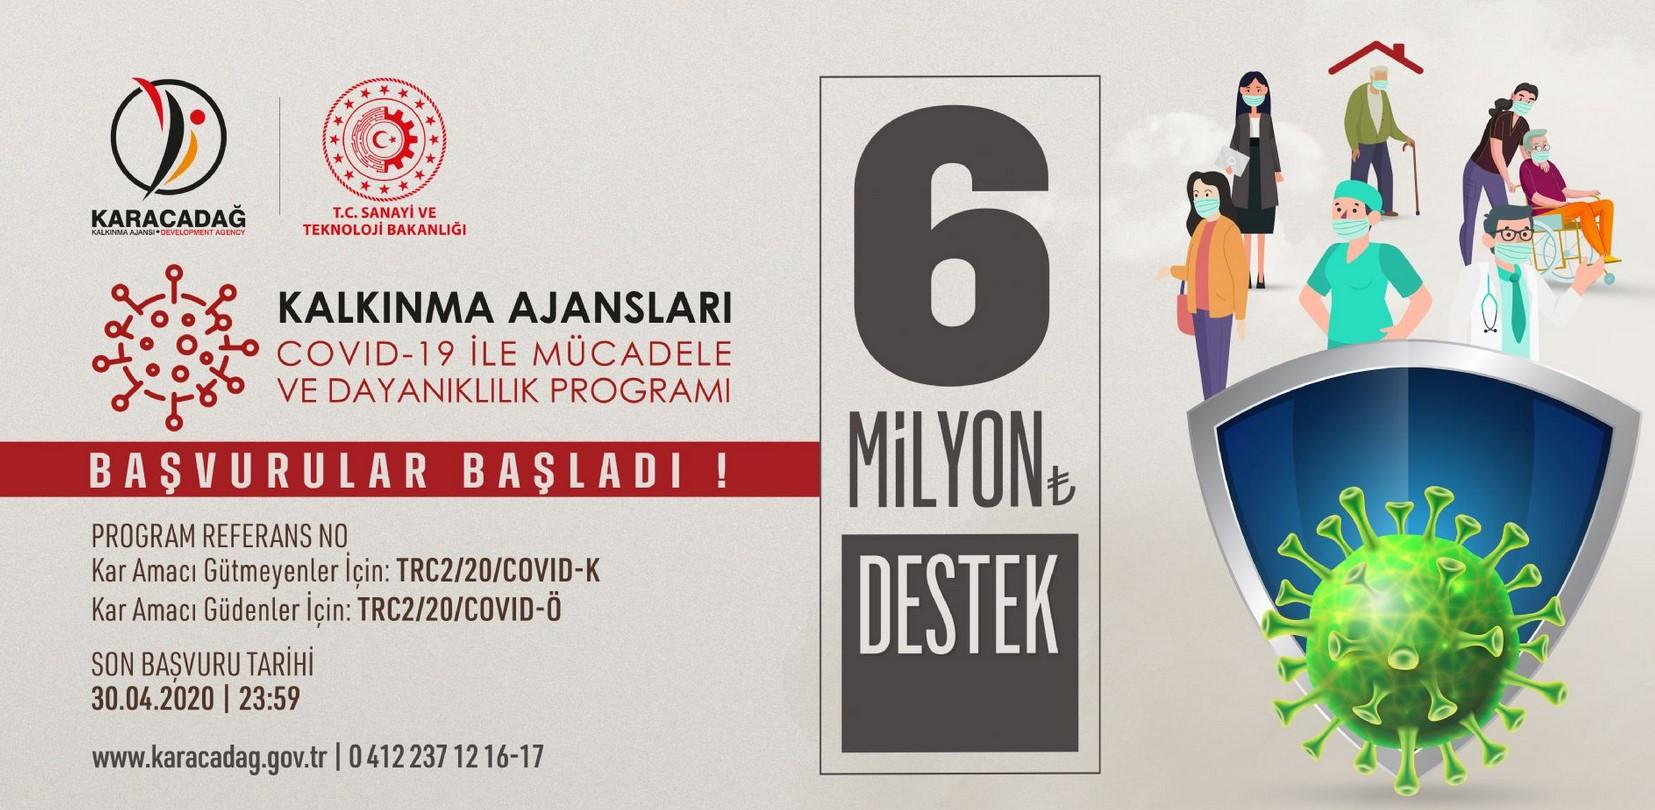 Karacadağ Kalkınma Ajansı Diyarbakır - Şanlıurfa COVID-19 ile Mücadele ve Dayanıklılık Programı